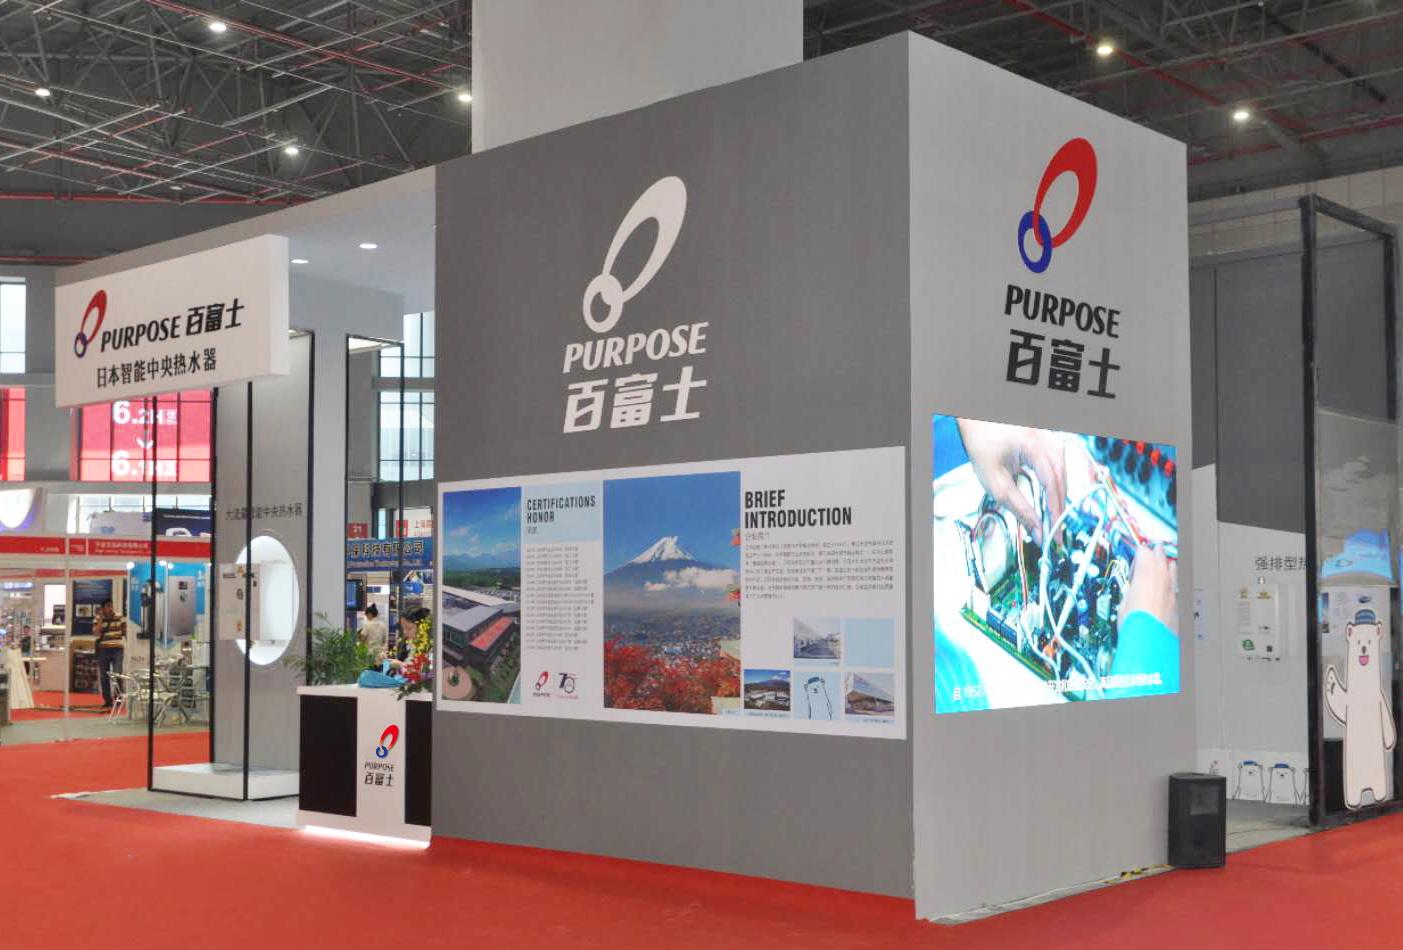 盛况空前-PURPOSE百富士一枝独秀上海国际建筑水展 展商动态 第3张